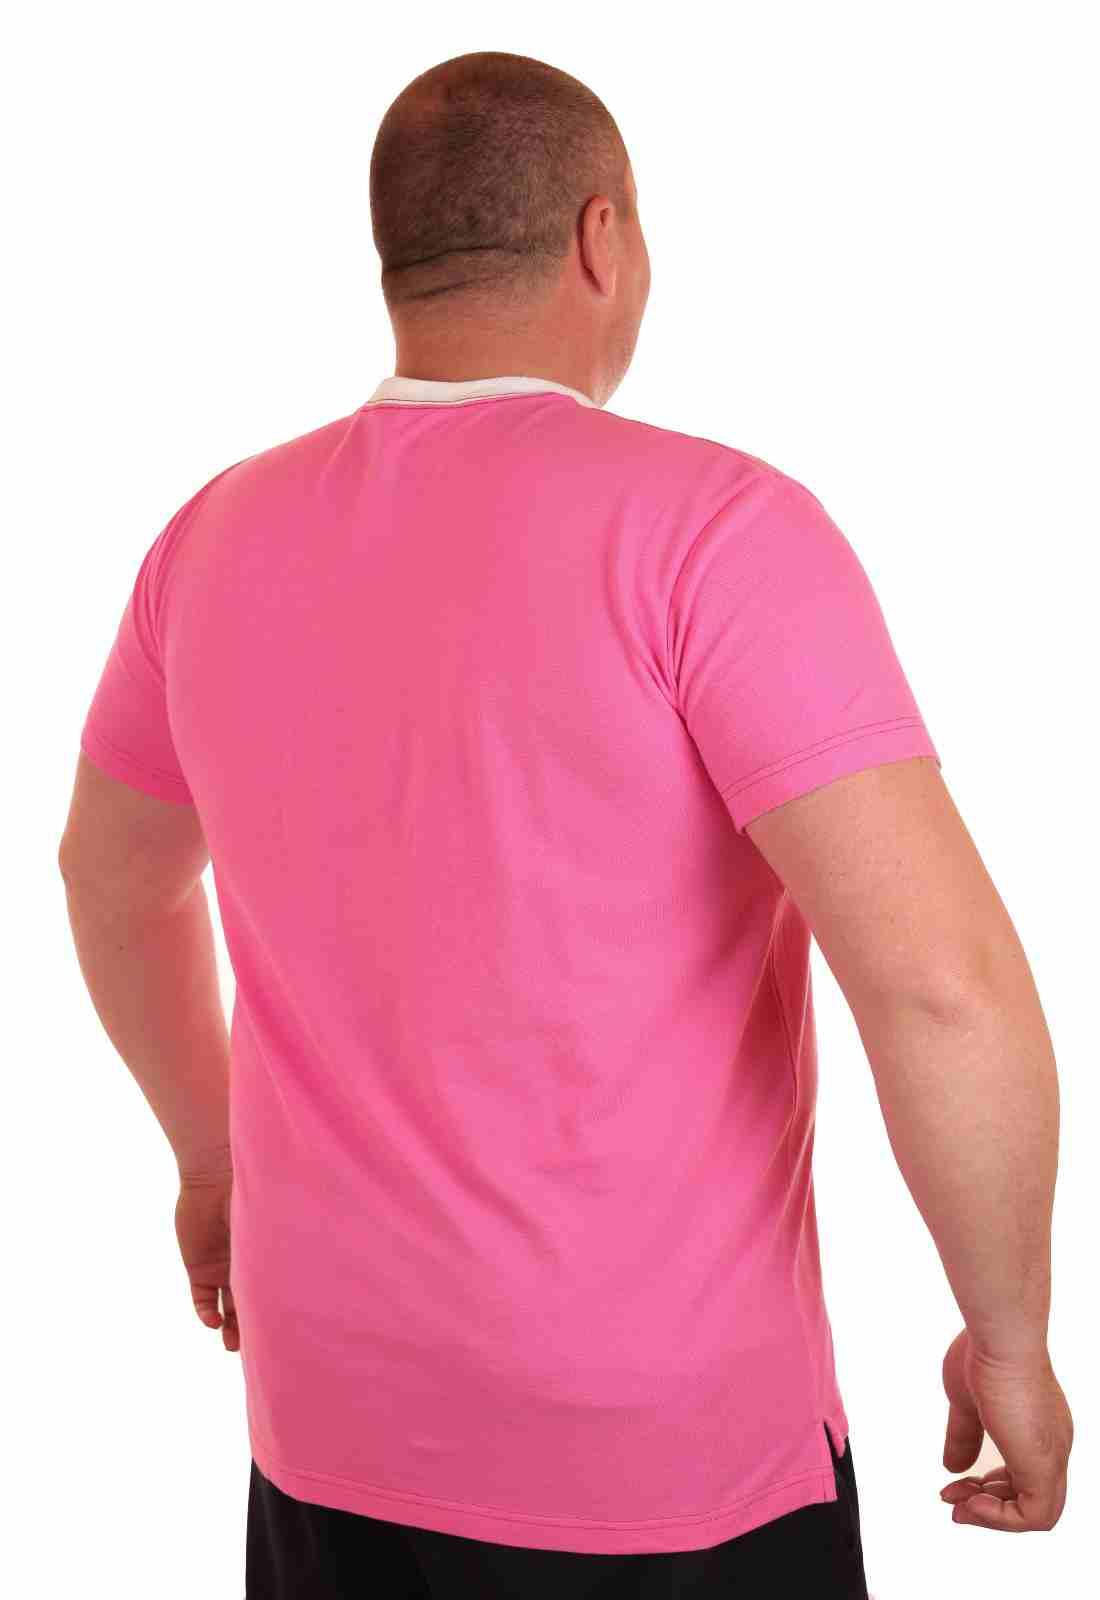 Элегантная футболка от модного американского бренда Ralph Lauren-сзади